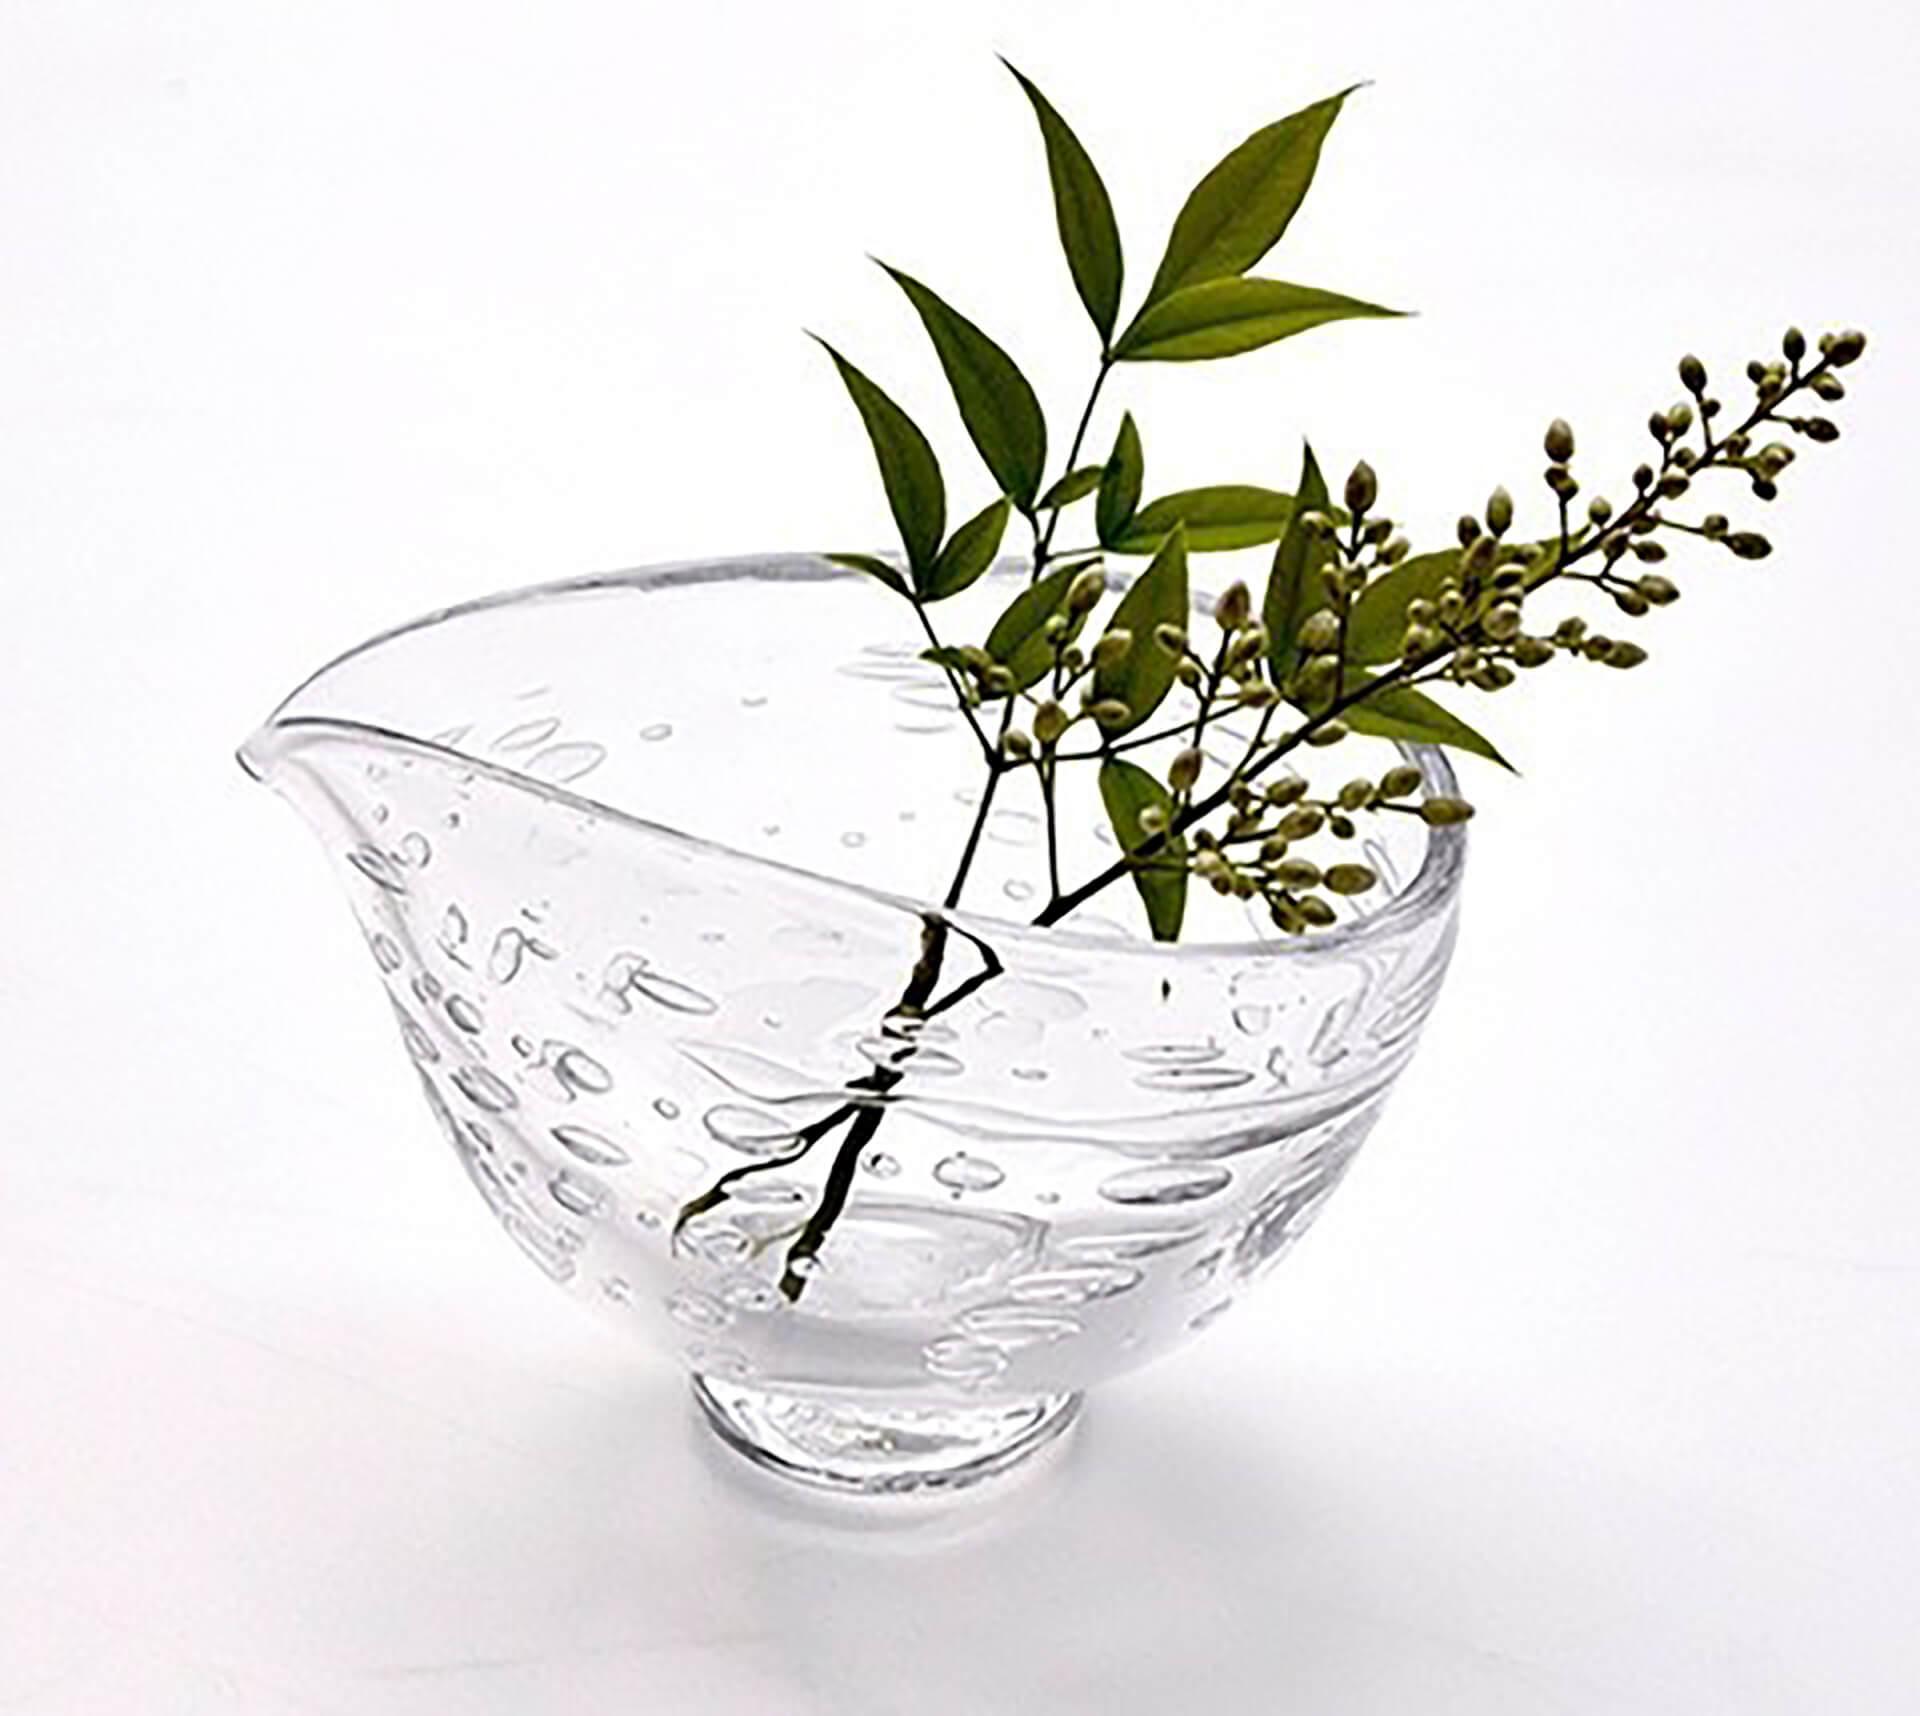 この写真は暮らしとクリーマに出品する、ATELIER dewのガラス一輪挿しです